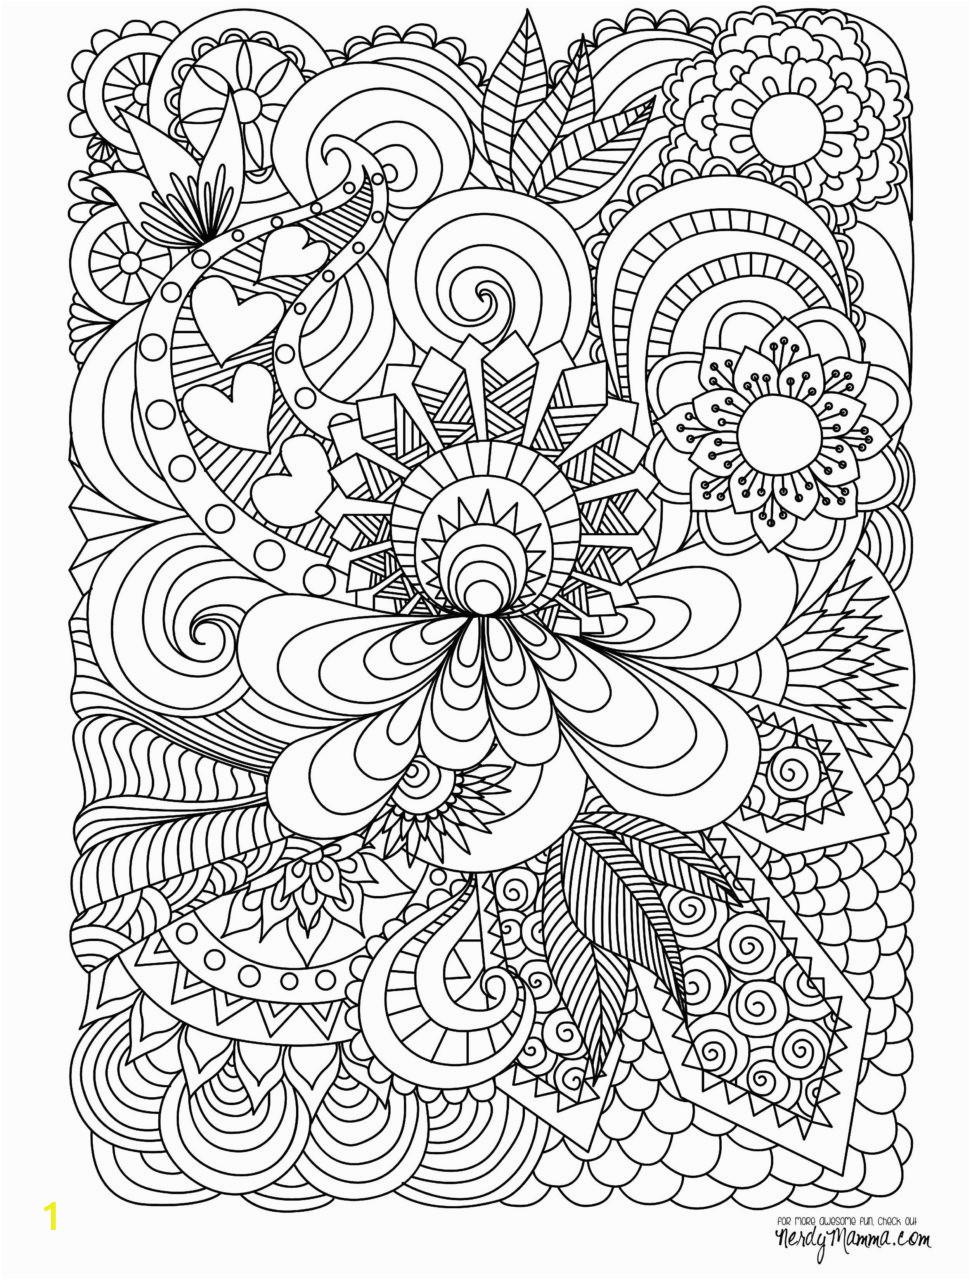 album=detail coloring pages